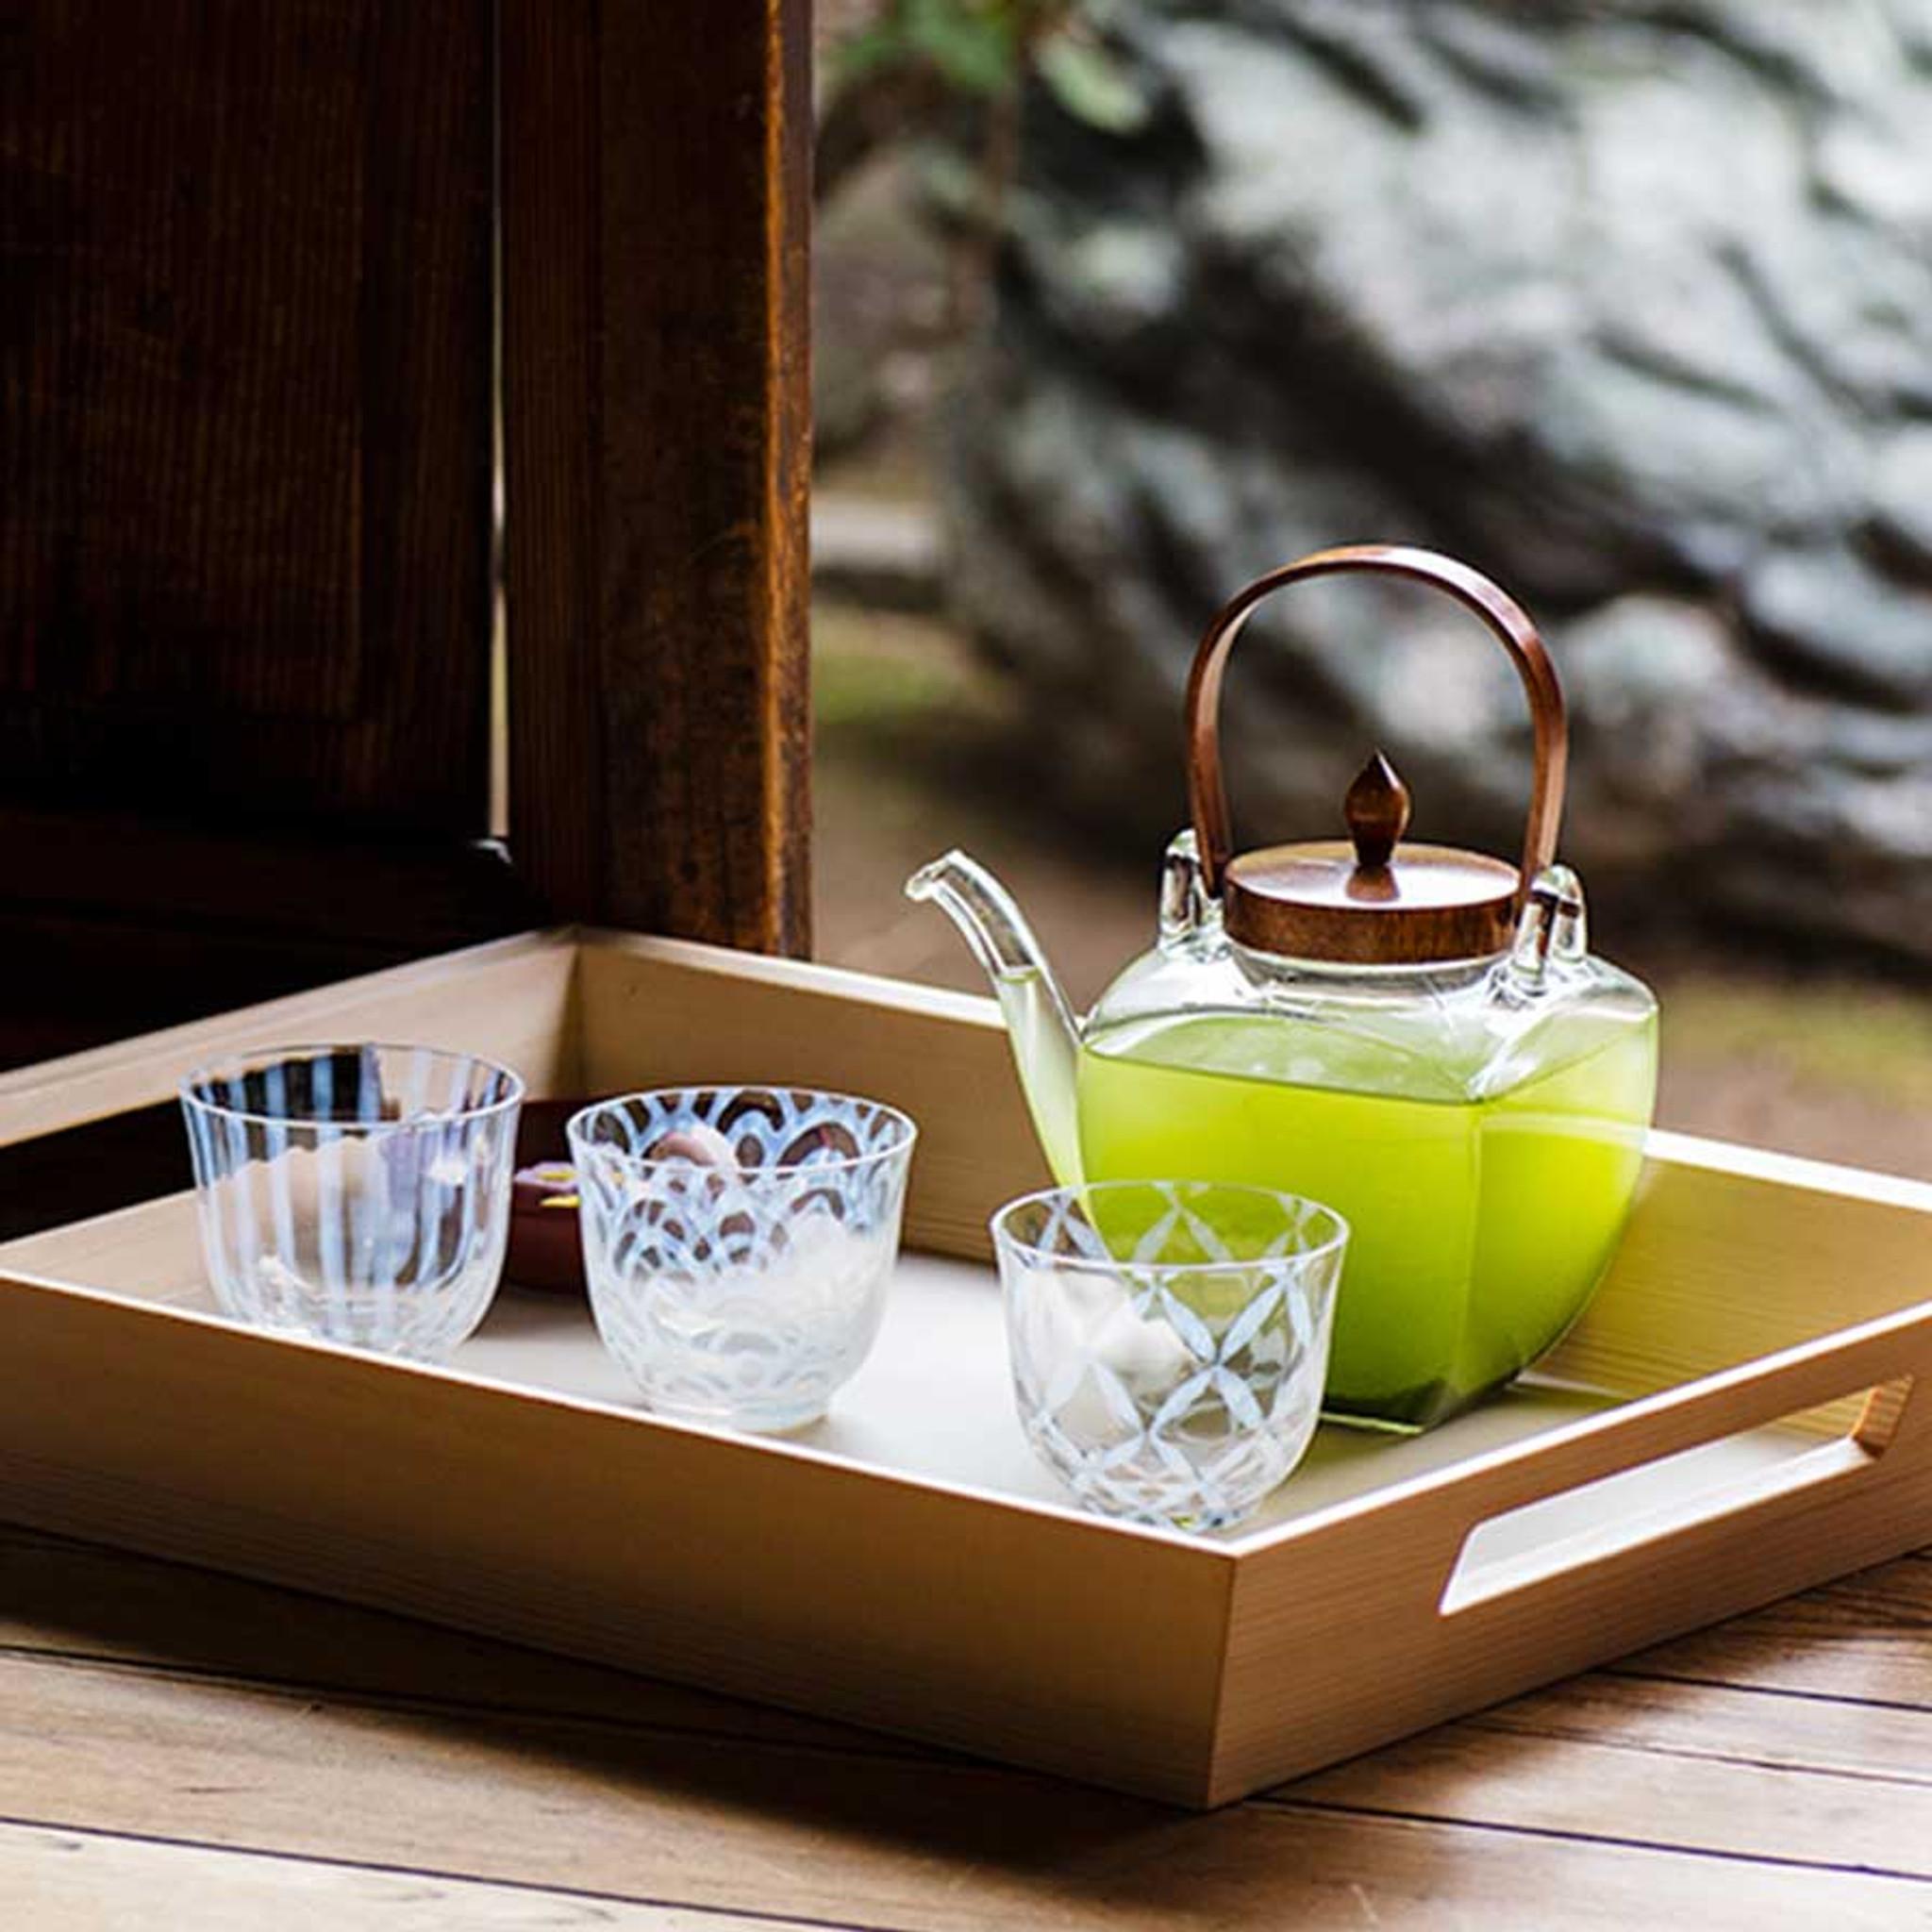 theiere japonaise avec couvercle en bois